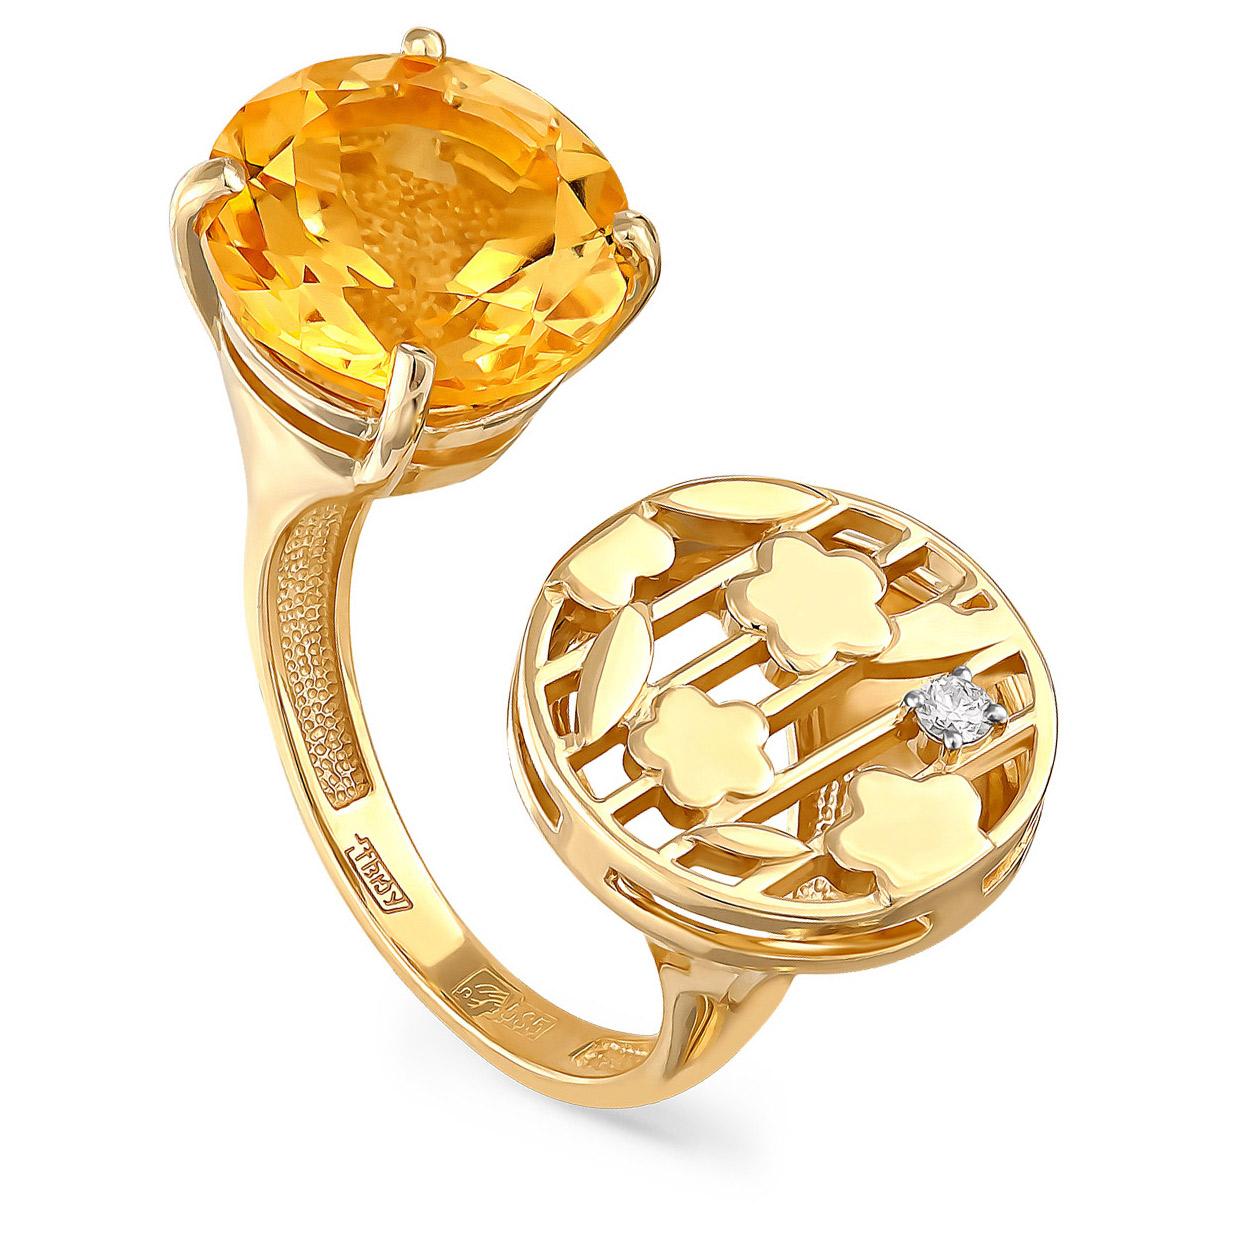 Кольцо из лимонного золота Бриллиант и Цитрин арт. 11-2988-2900 11-2988-2900